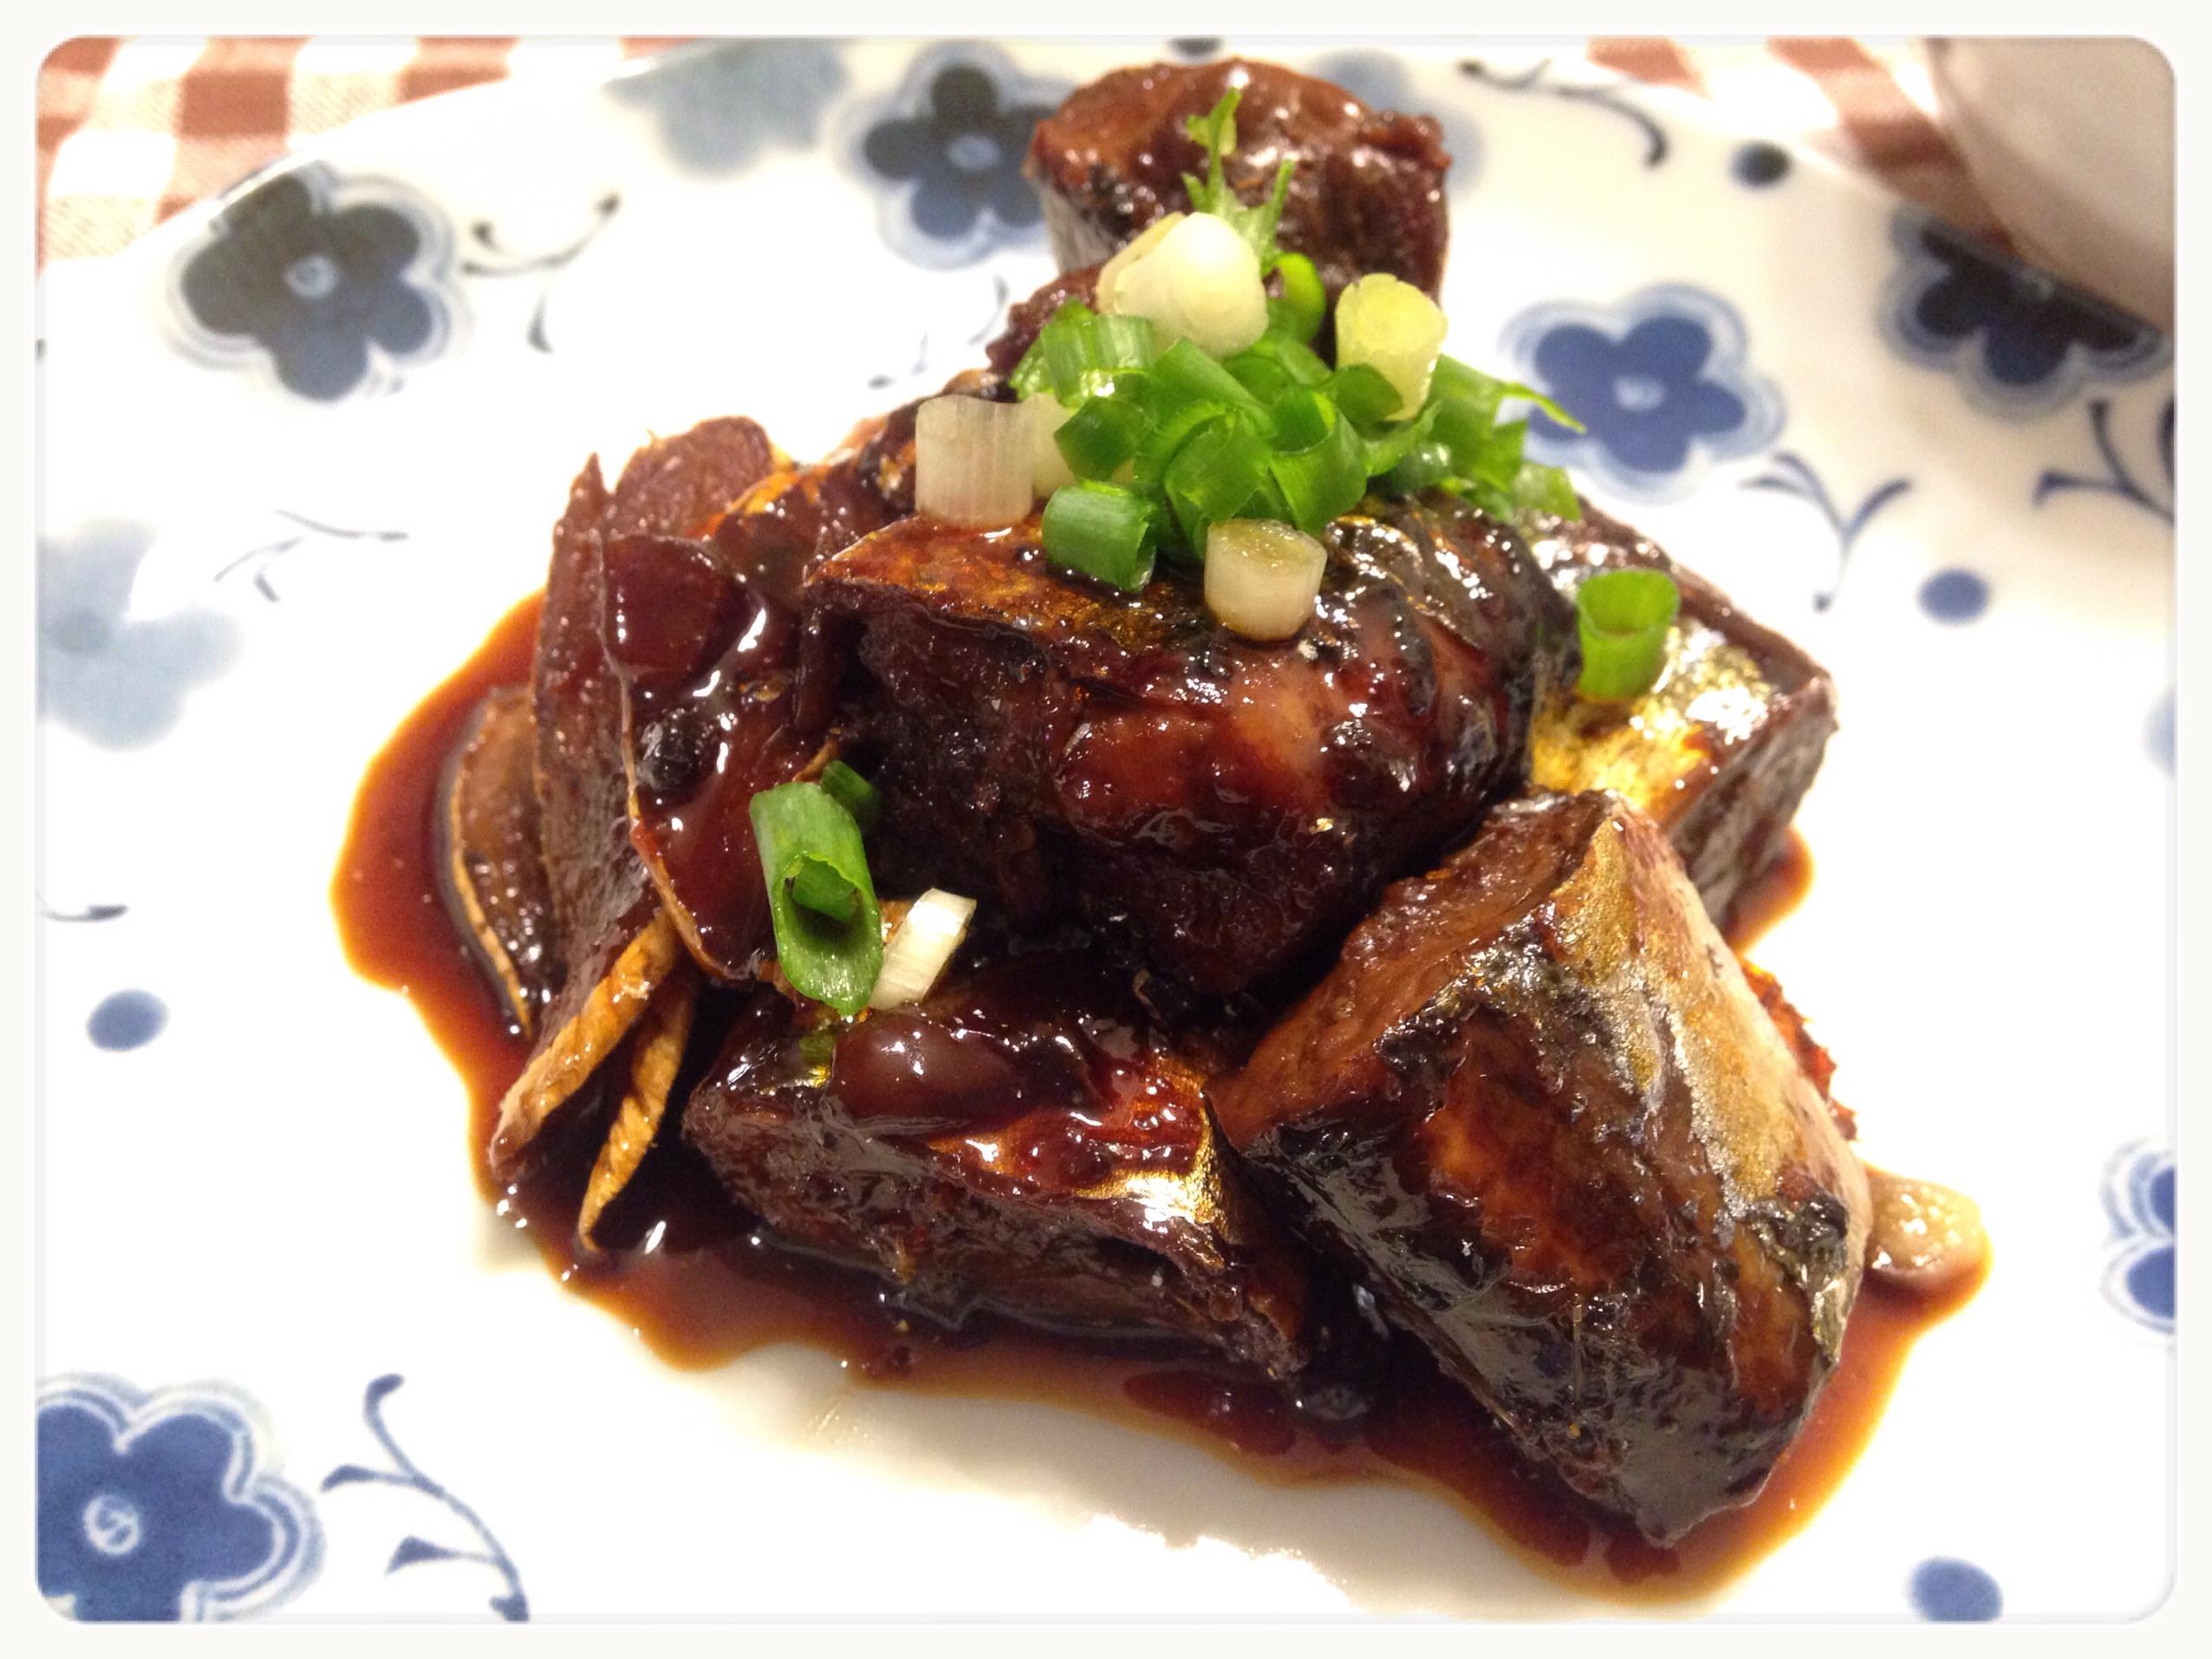 化骨秋刀魚,魚骨也能吃下肚